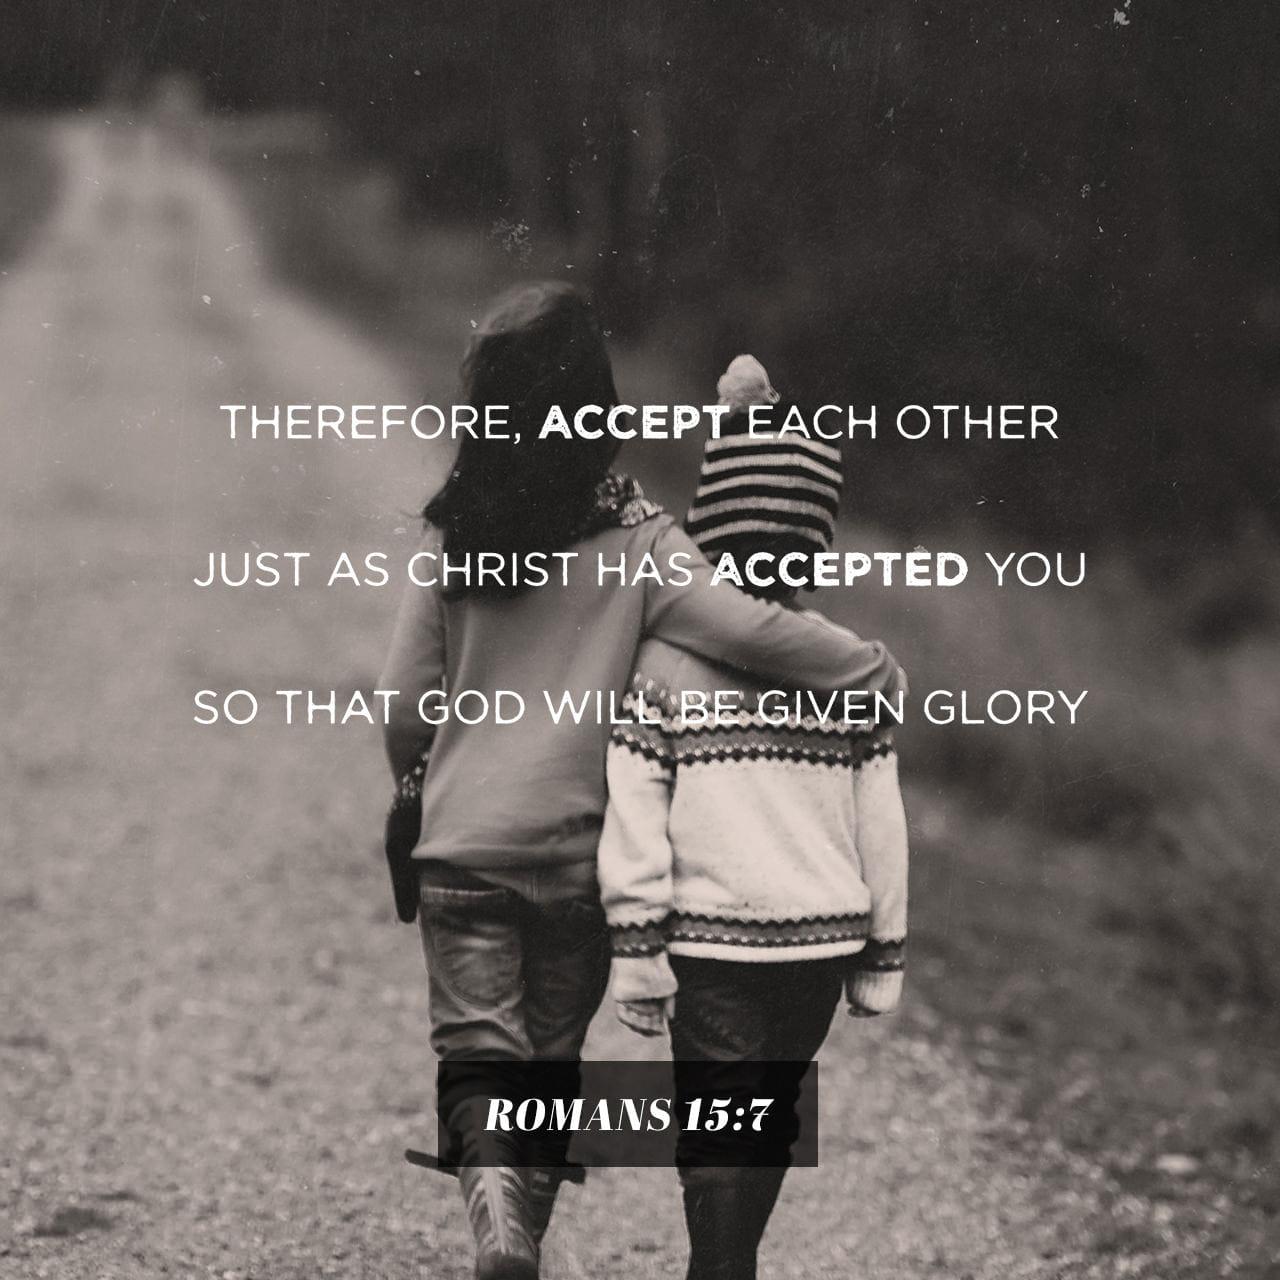 Lettera ai Romani 15:7 Perciò accoglietevi gli uni gli altri, come anche Cristo vi ha accolti per la gloria di Dio. | Nuova Riveduta 1994 (NR94)